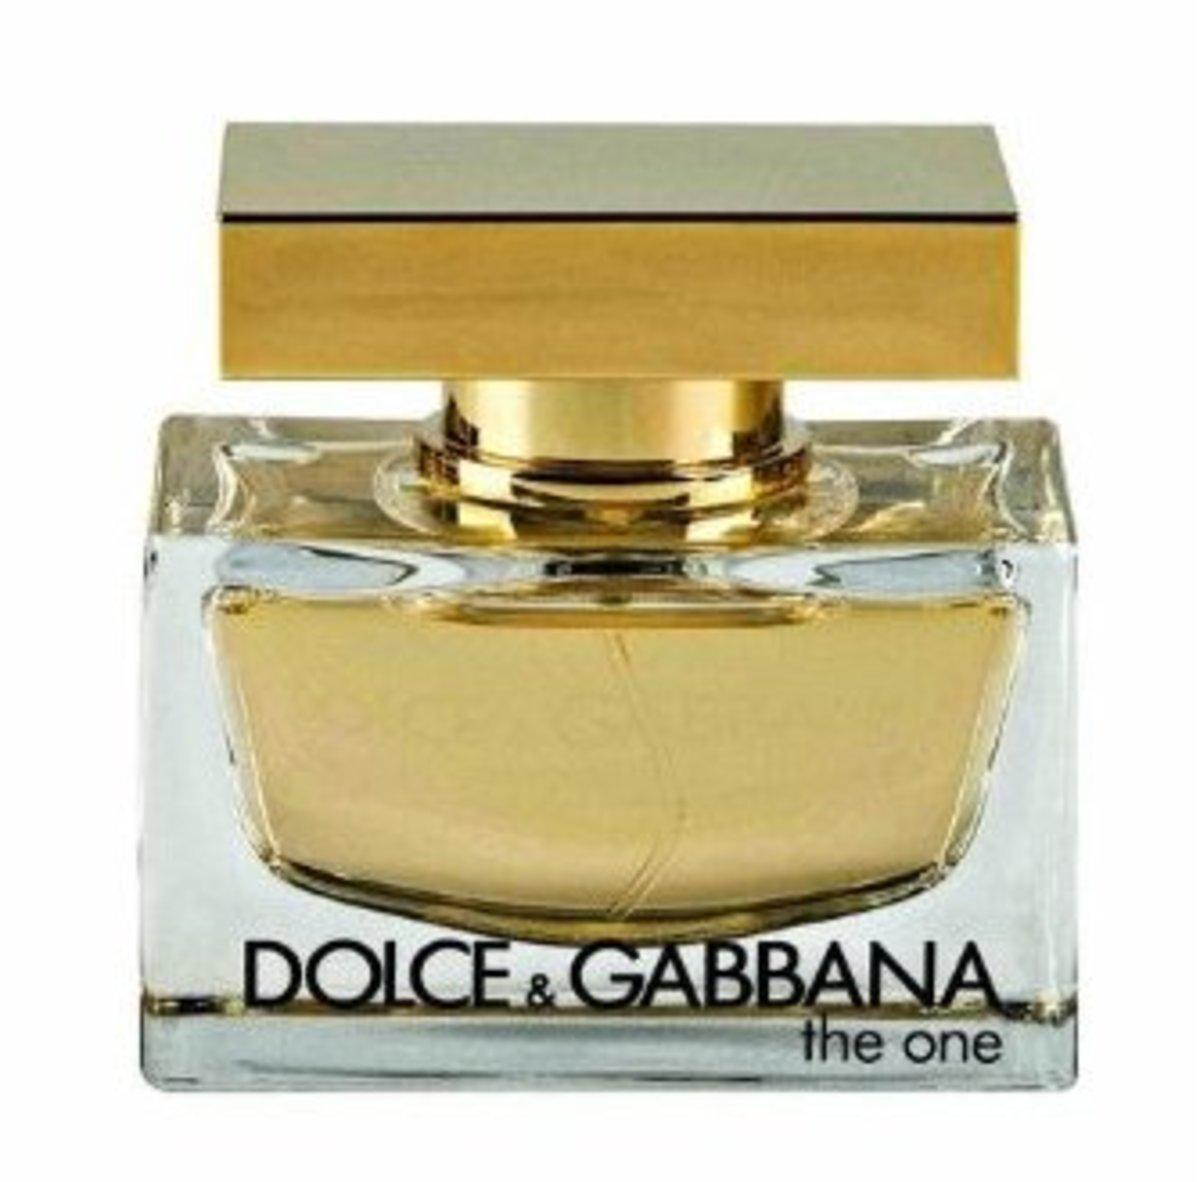 Perfumes vs. Eau De Toilette vs. Eau De Cologne vs. Designer Fragrances - Differences explained